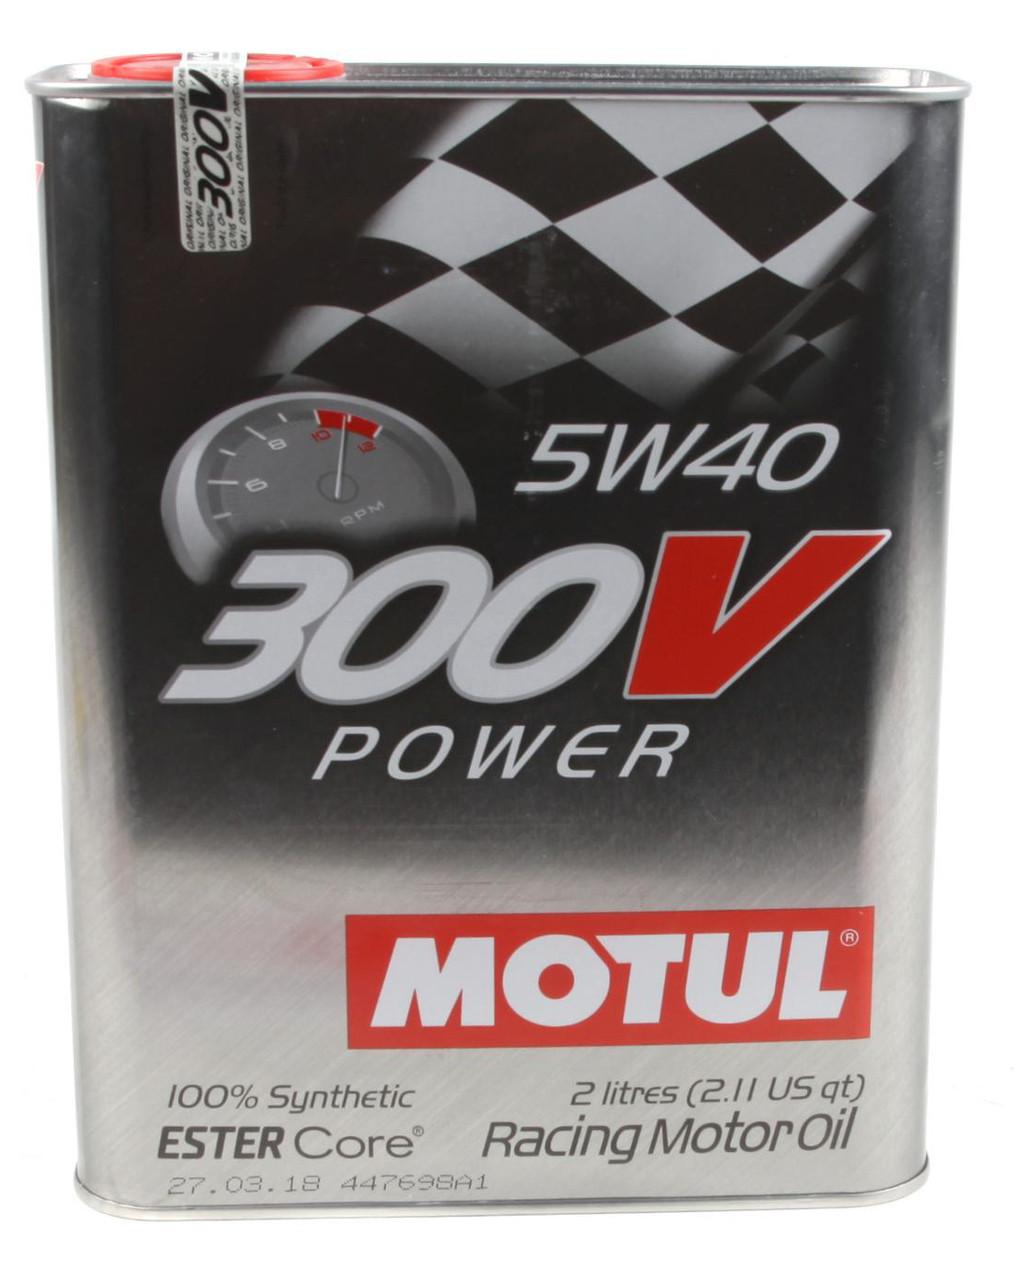 Моторное масло MOTUL 300V POWER 5W40 ESTER Core для спортивных автомобилей (2л)